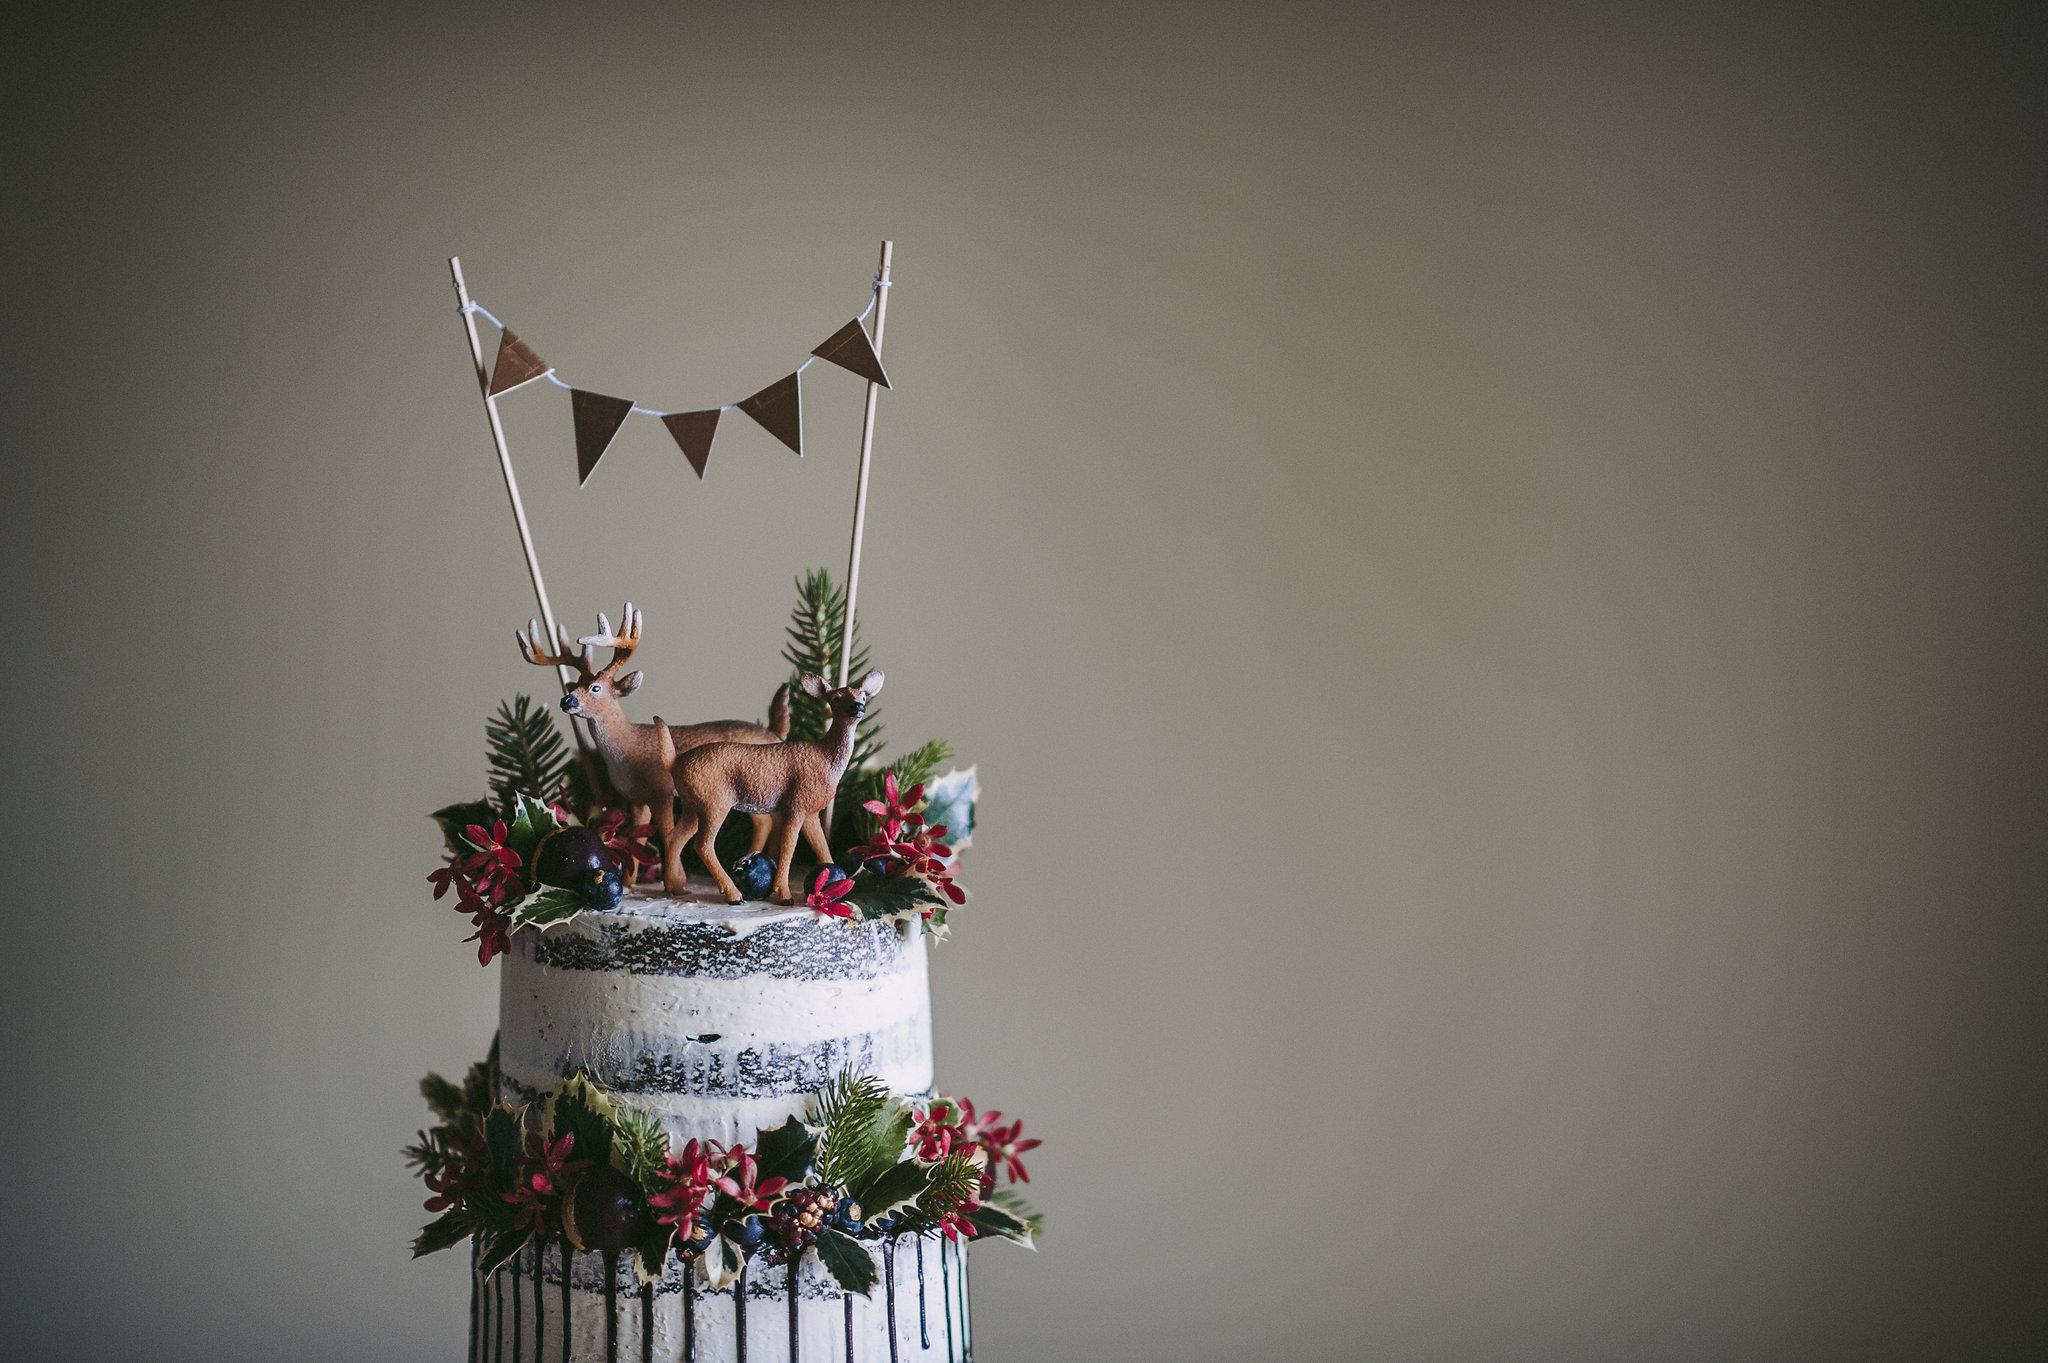 cherry-cakes-xmas-003.jpg